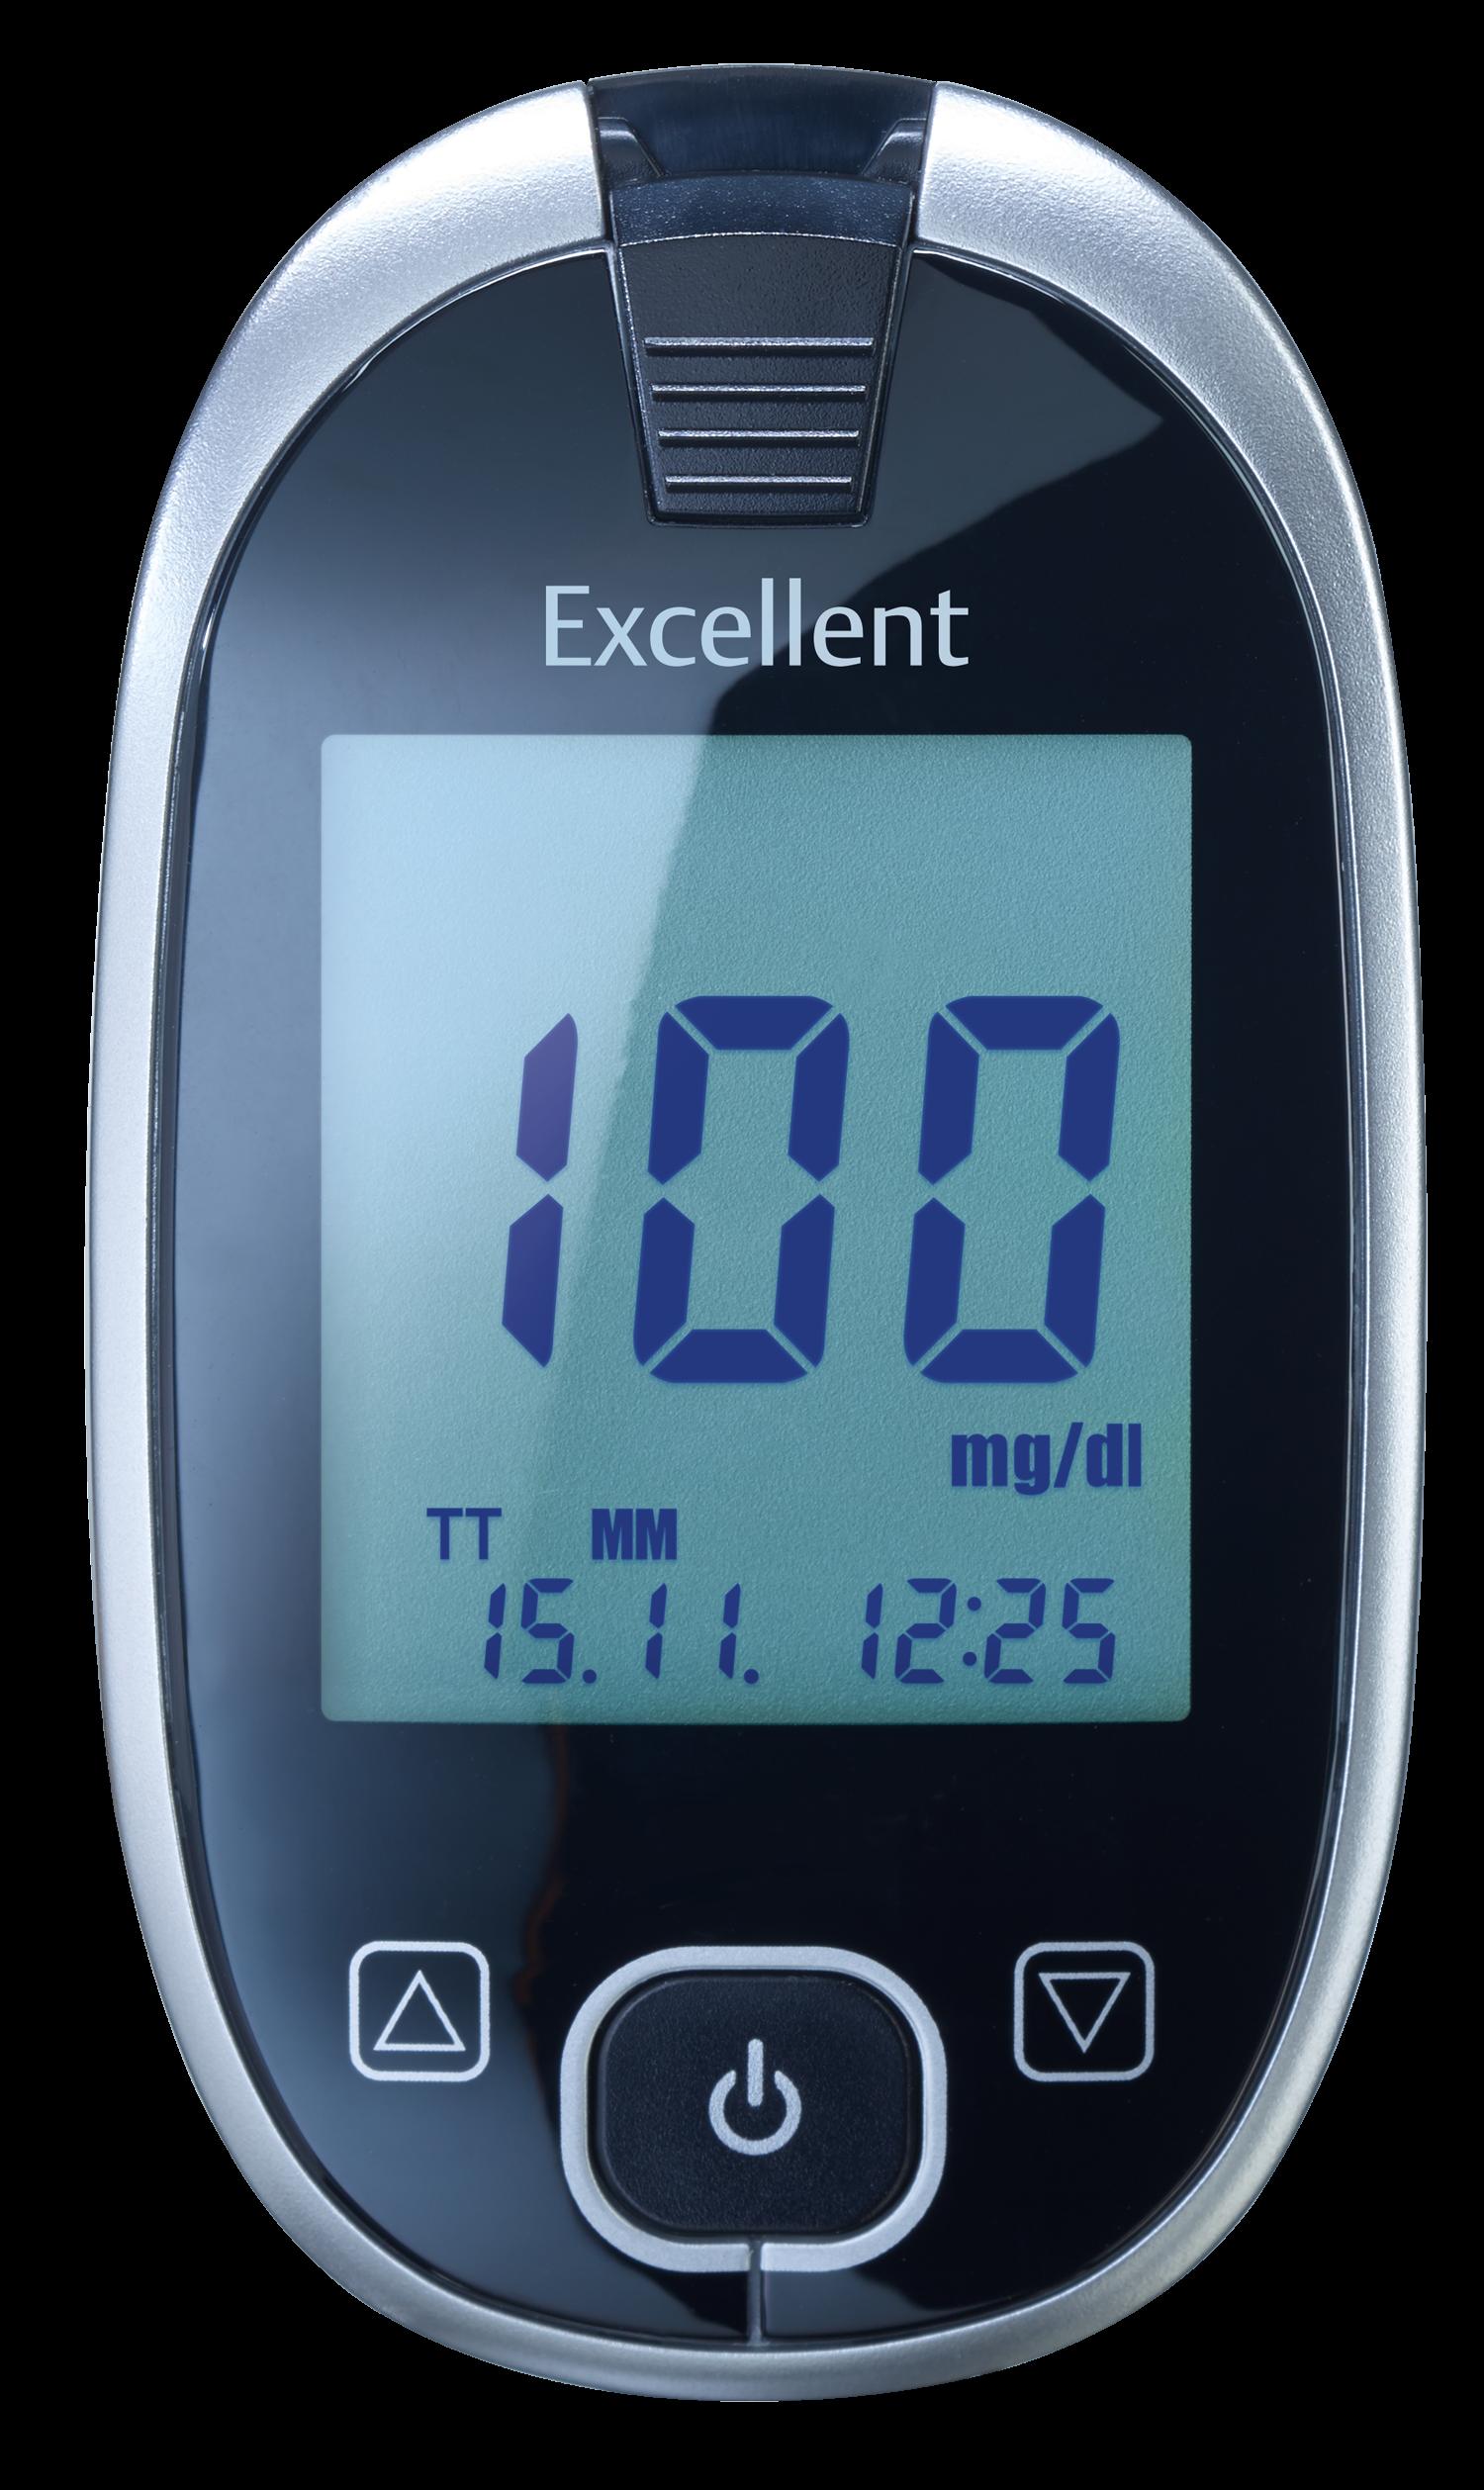 GlucoCheck Excellent Starter-Set mg/dl mit 60 Teststreifen